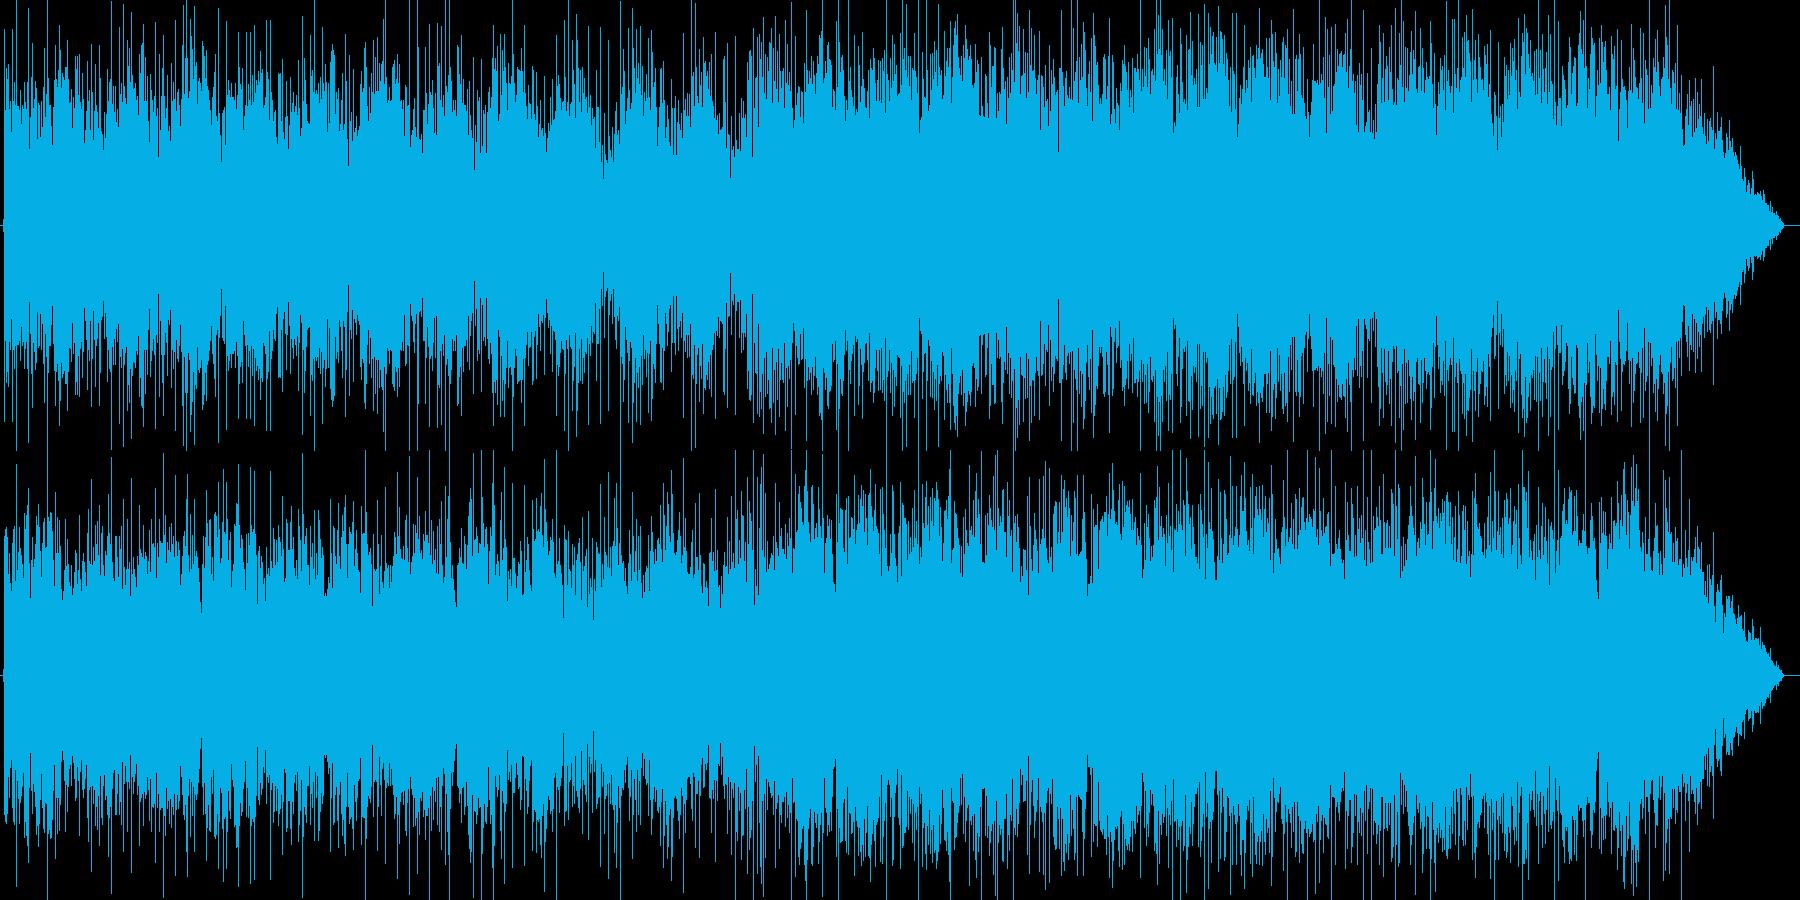 ストーリーのあらすじを語るイメージの再生済みの波形